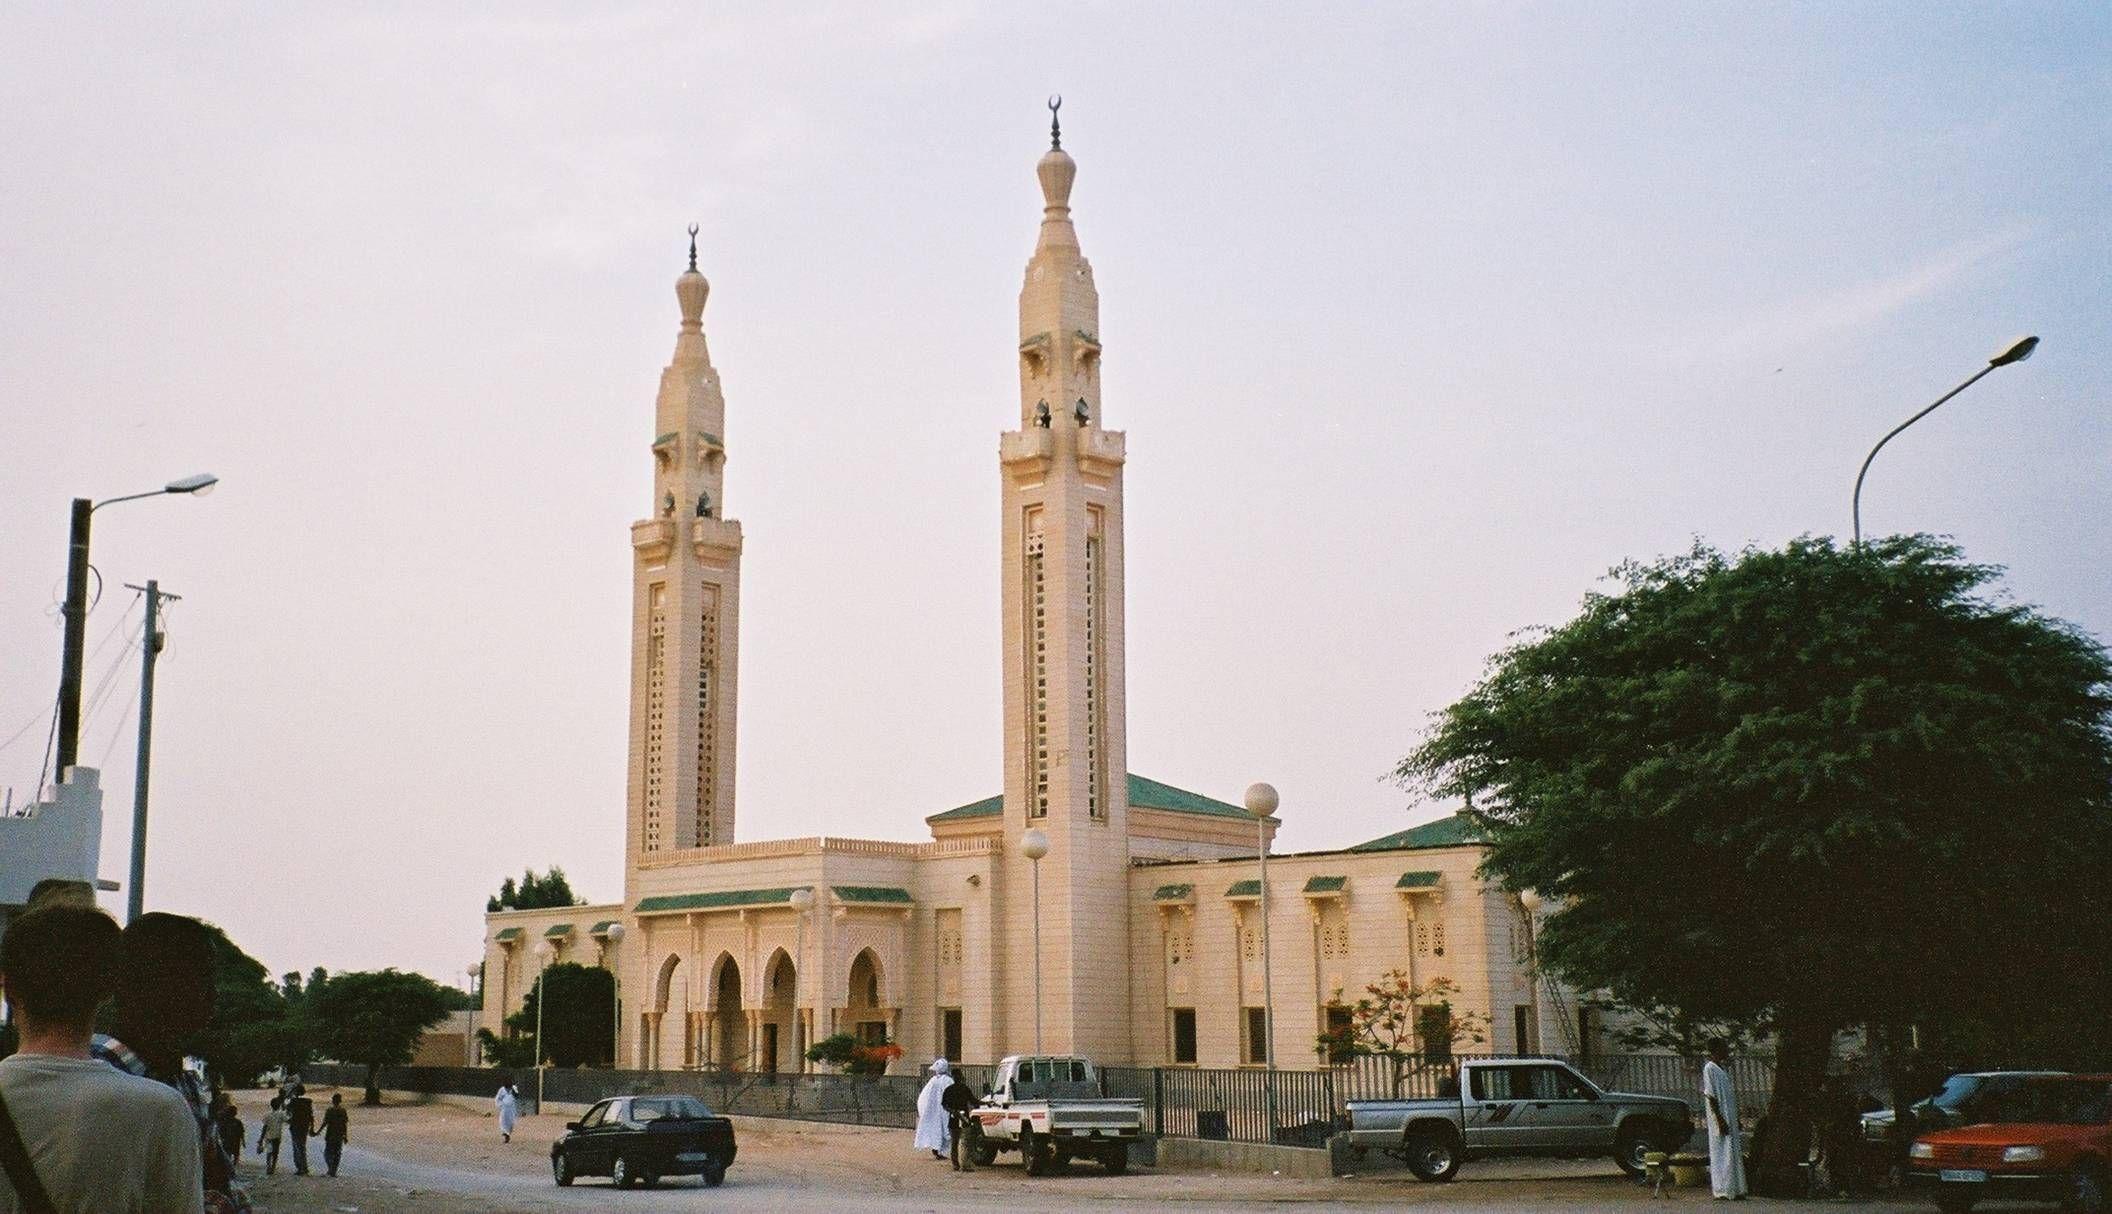 Nouakchott Mosquee Mauritania Afrika